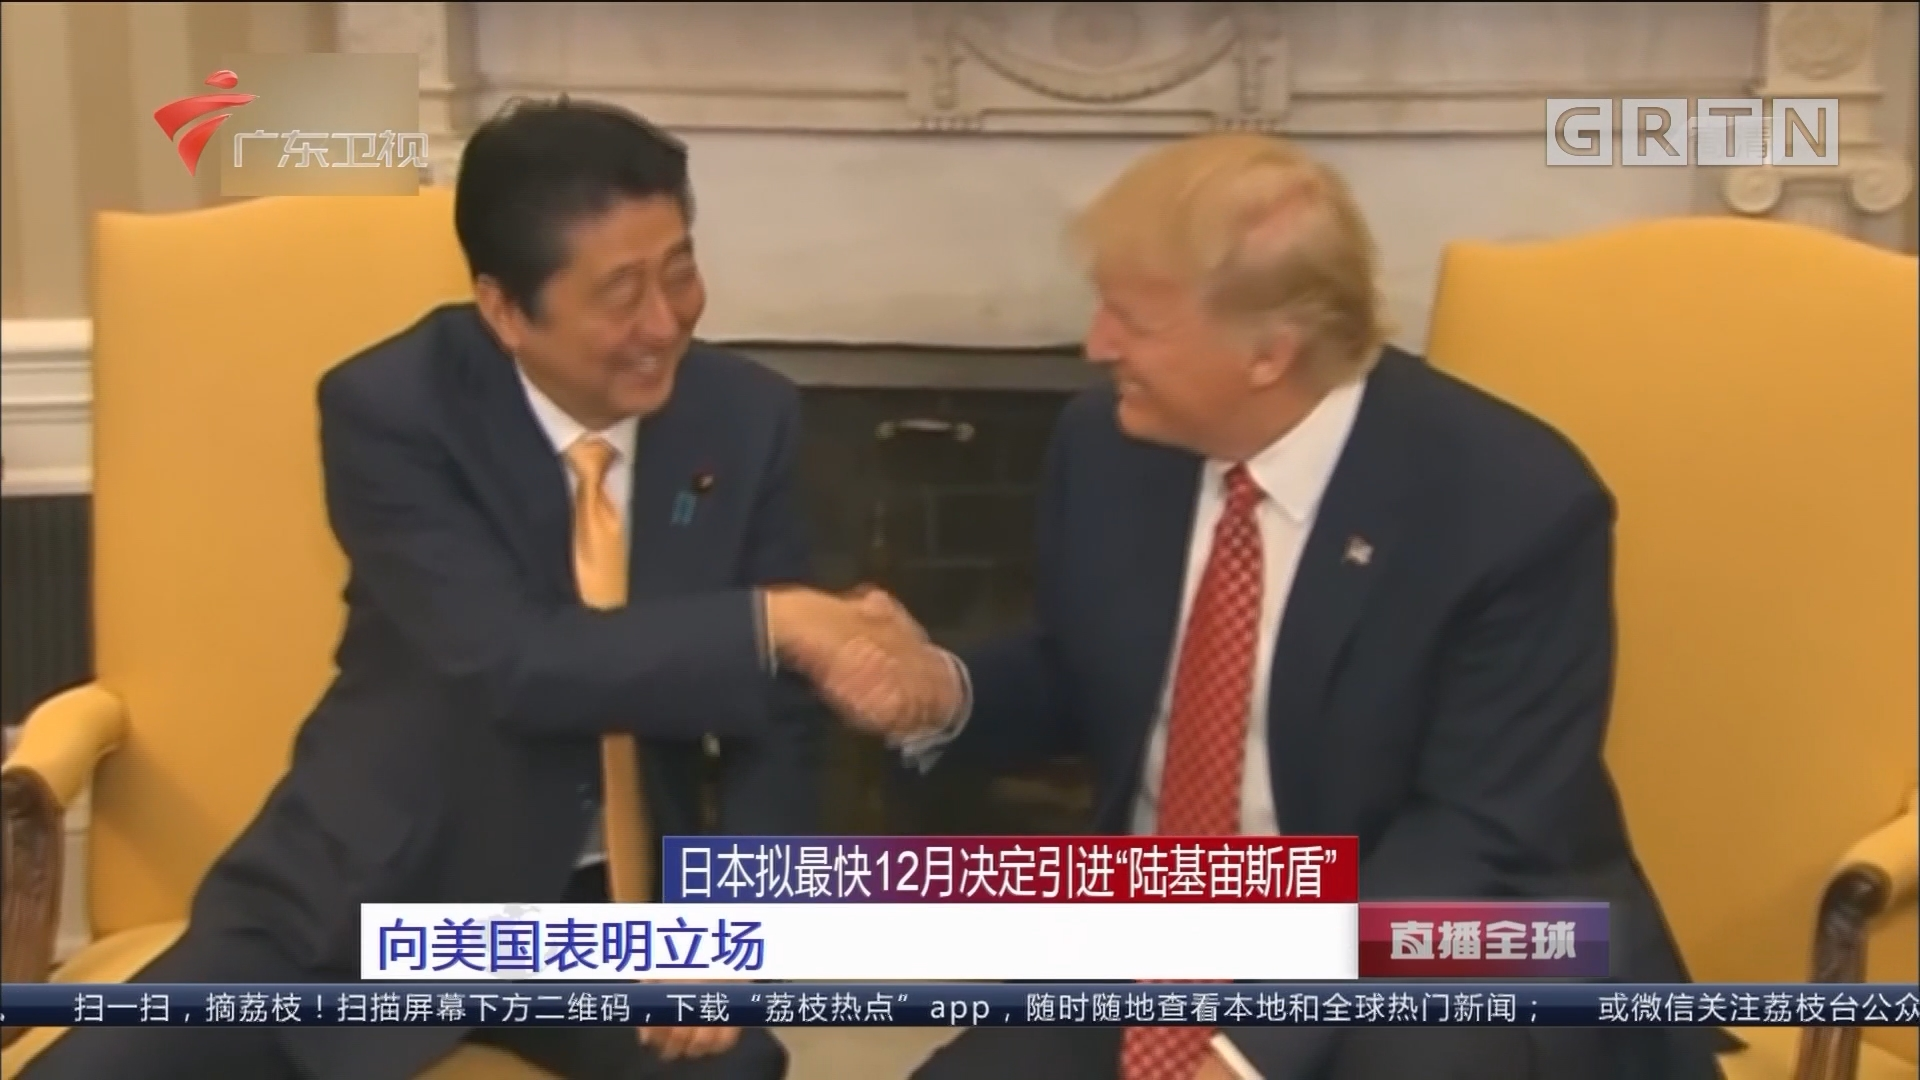 """日本拟最快12月决定引进""""陆基宙斯盾"""":向美国表明立场"""